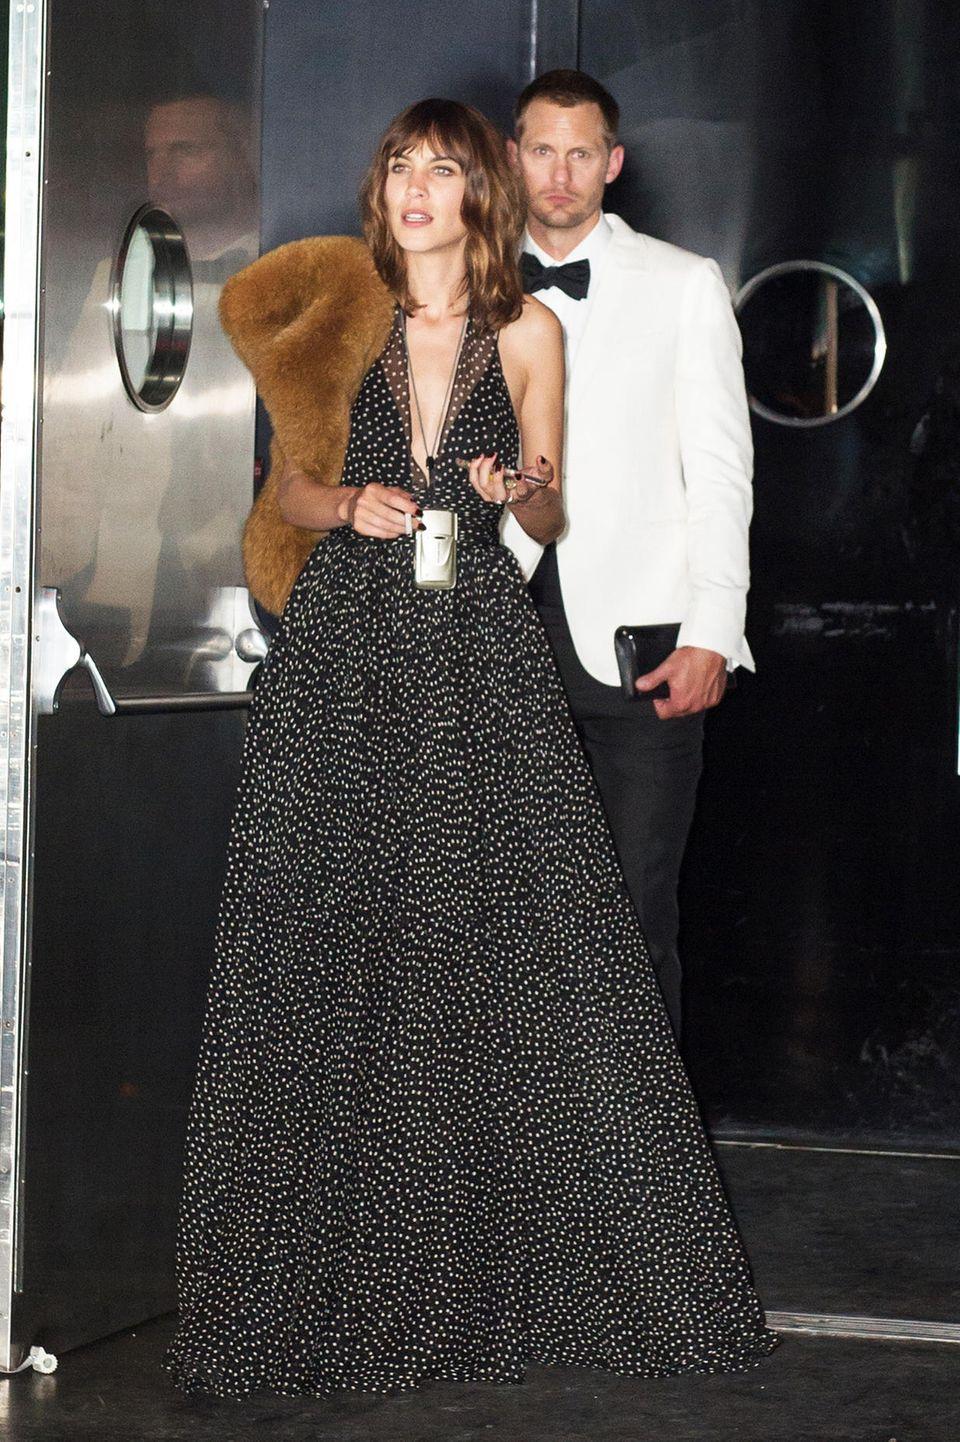 Alexa Chung und AlexanderSkarsgård sehen im schwarz-weißen Partnerlook zwar hübsch aus, den Teddy auf ihrer Schulter hätte Alexa aber ruhig zuhause lassen können.